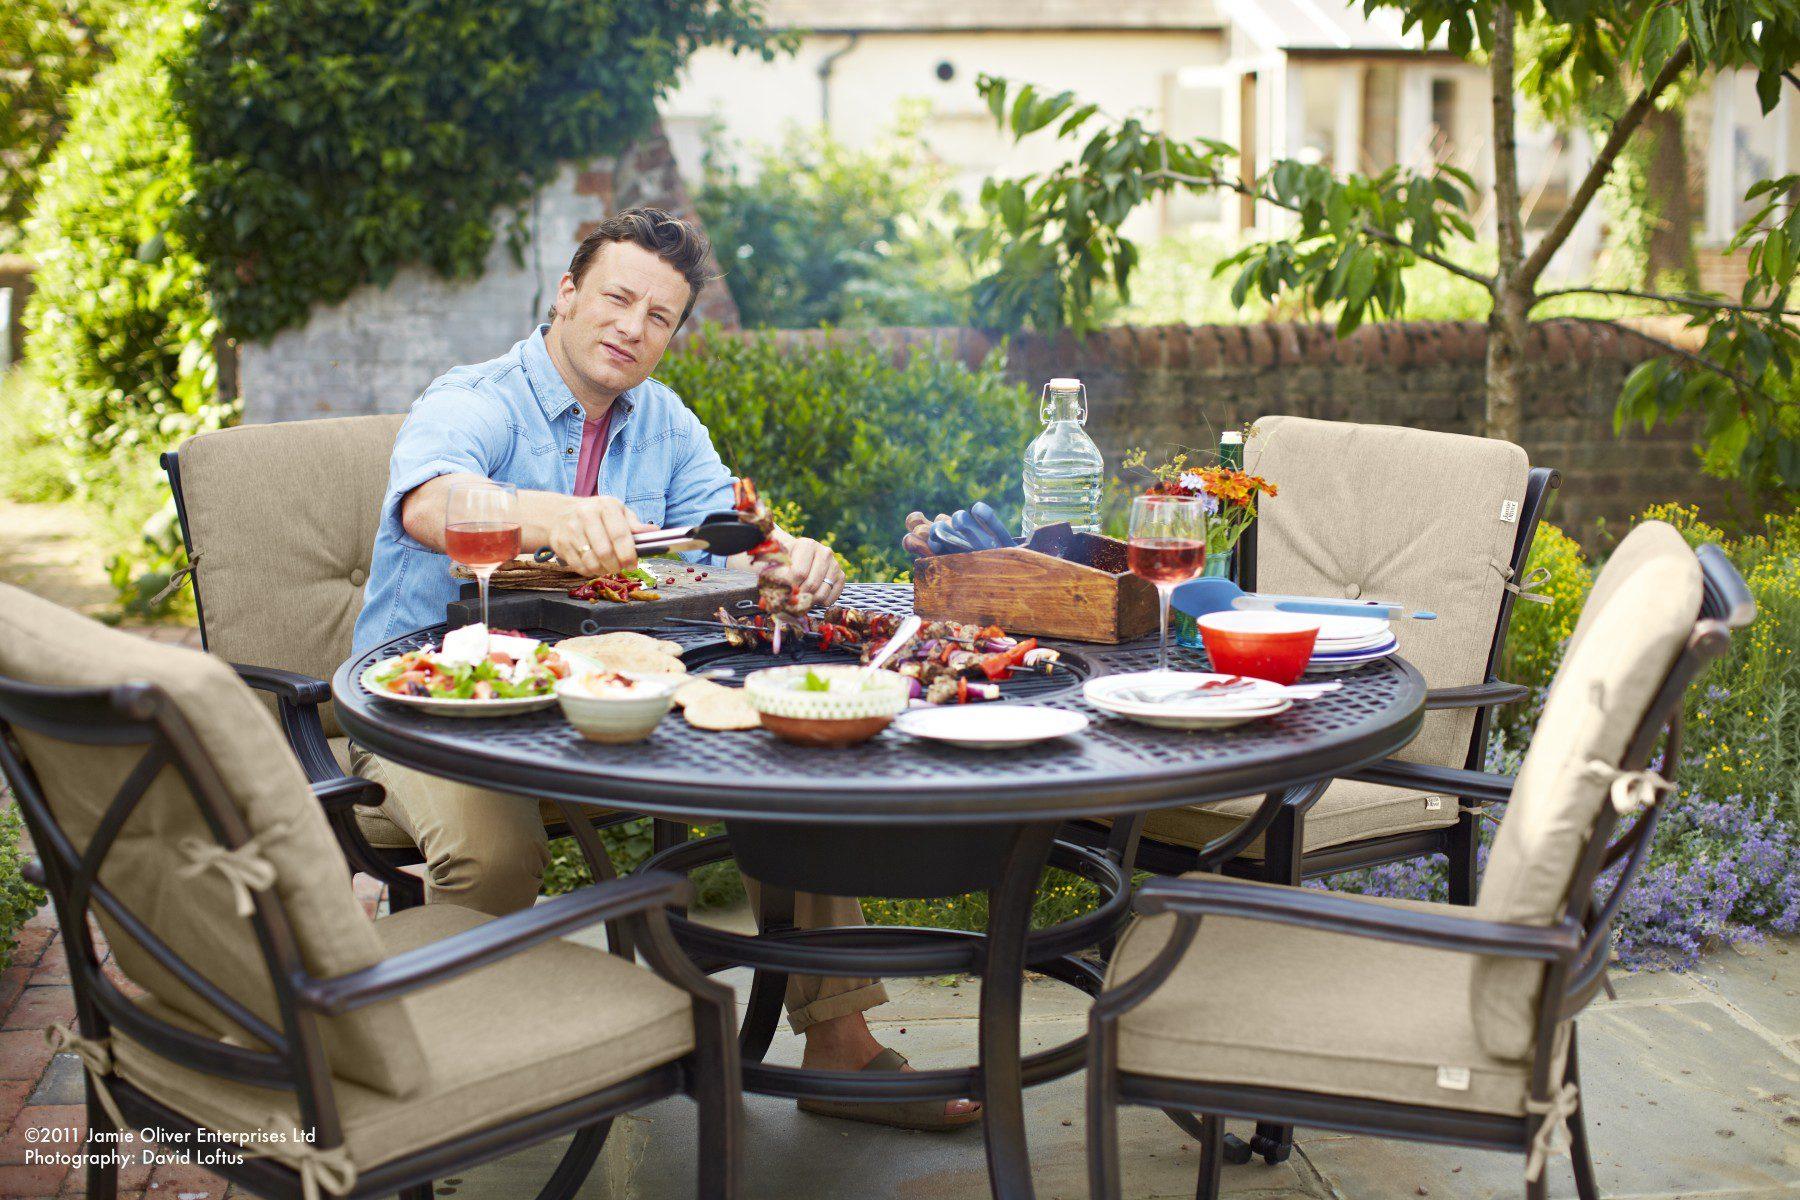 Jamie Oliver 4 Seat Grilling Set